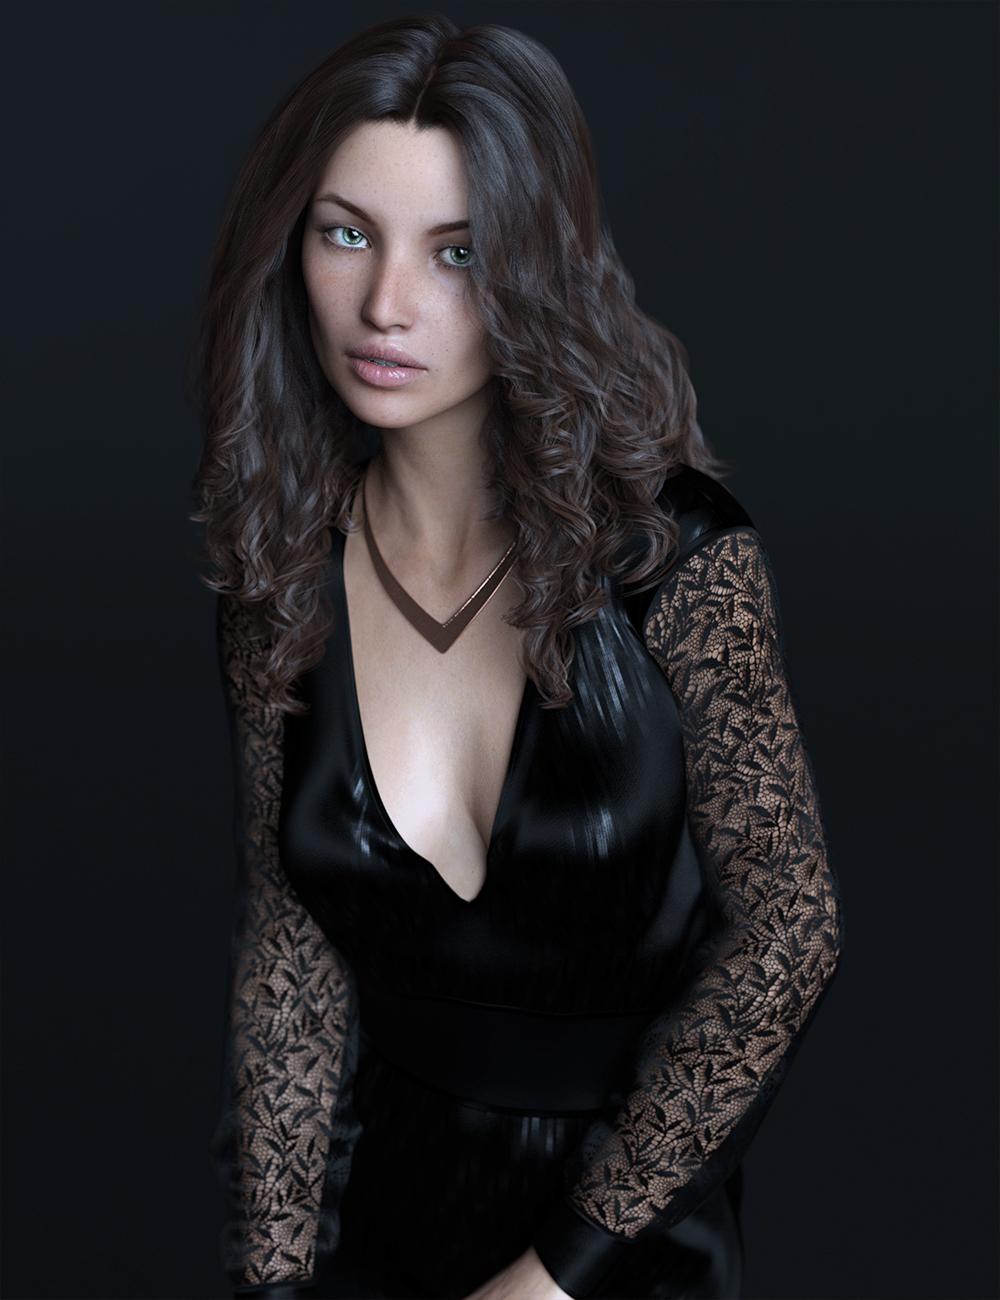 FWSA Rosalie for Genesis 8 Female by: Fisty & DarcFred Winkler ArtSabby, 3D Models by Daz 3D